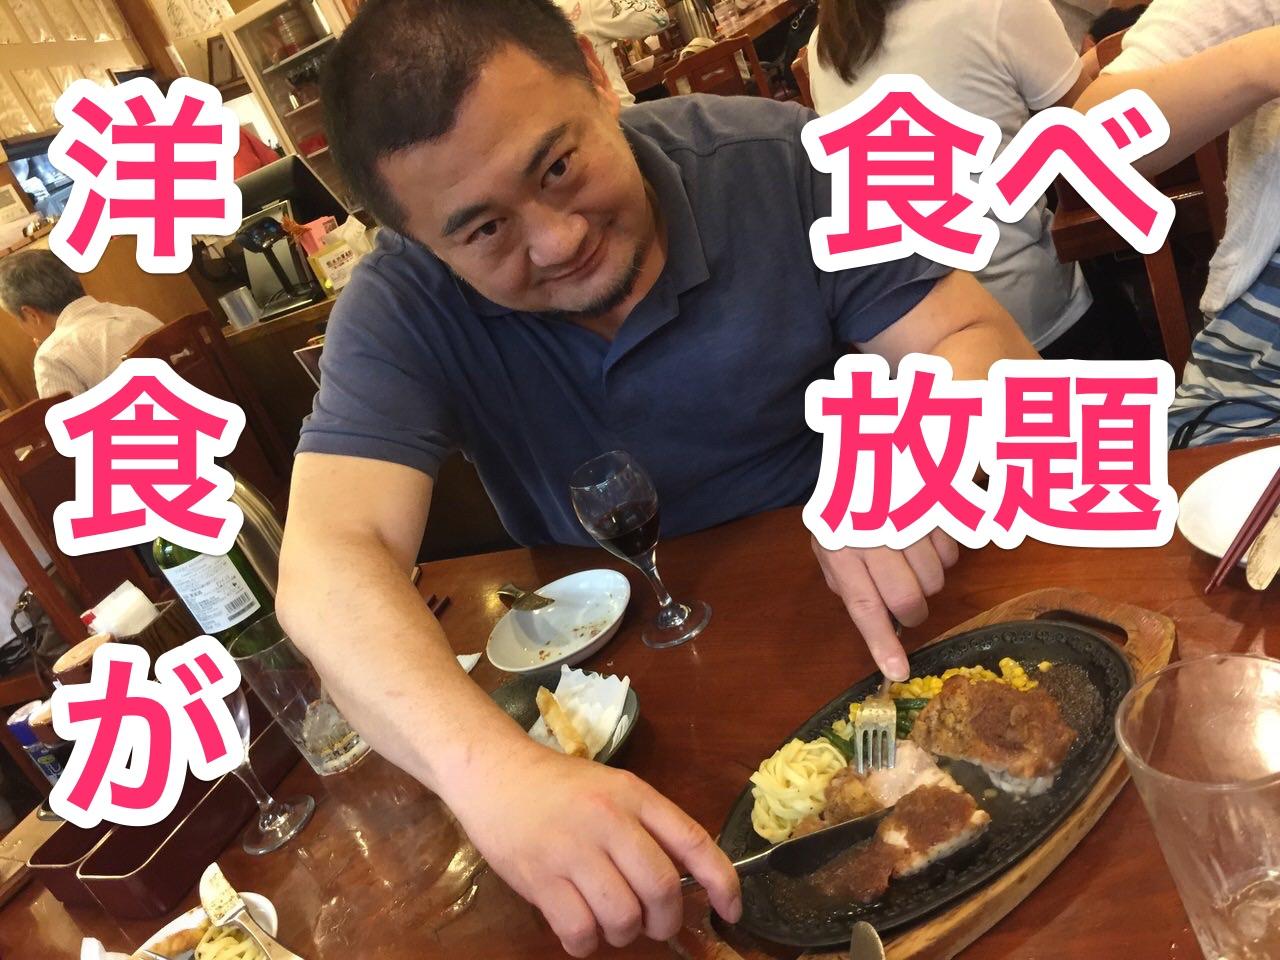 「モンブラン」大人が心踊らす洋食の食べ放題&飲み放題で脅威の4,380円に初登頂【浅草】